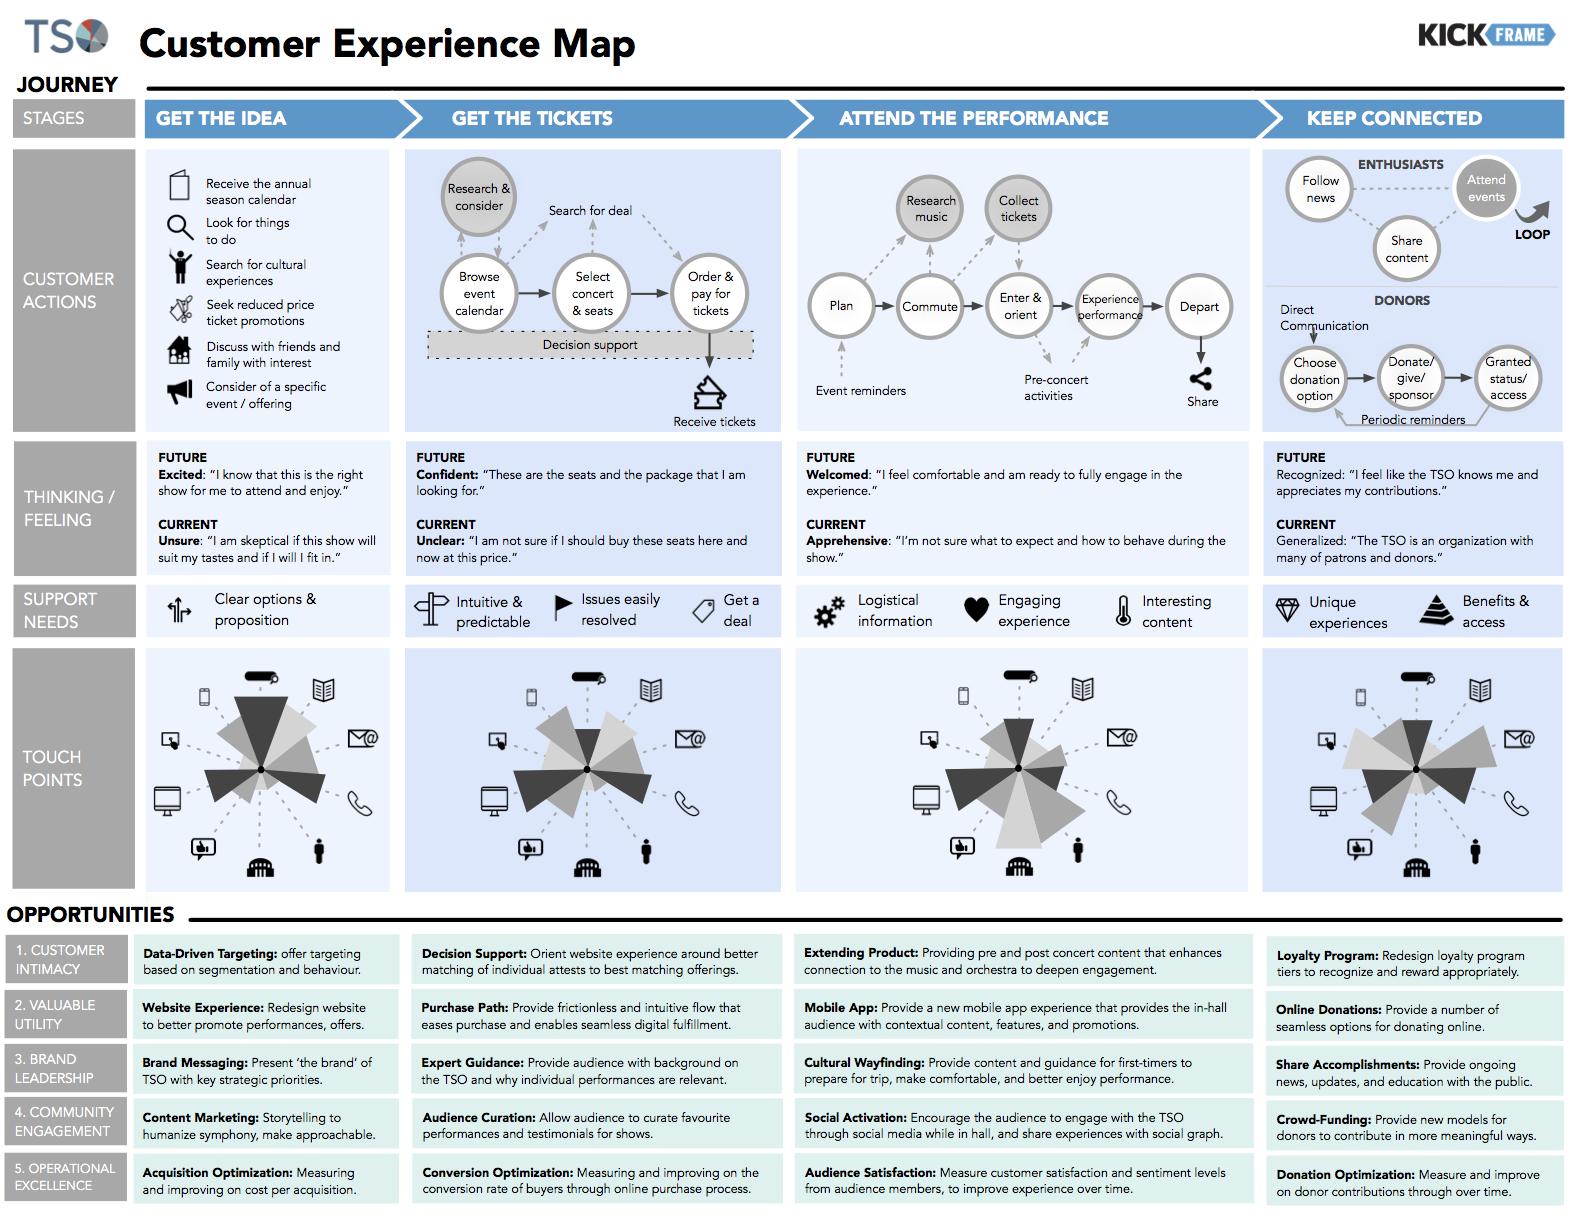 TSO Customer Experience Map